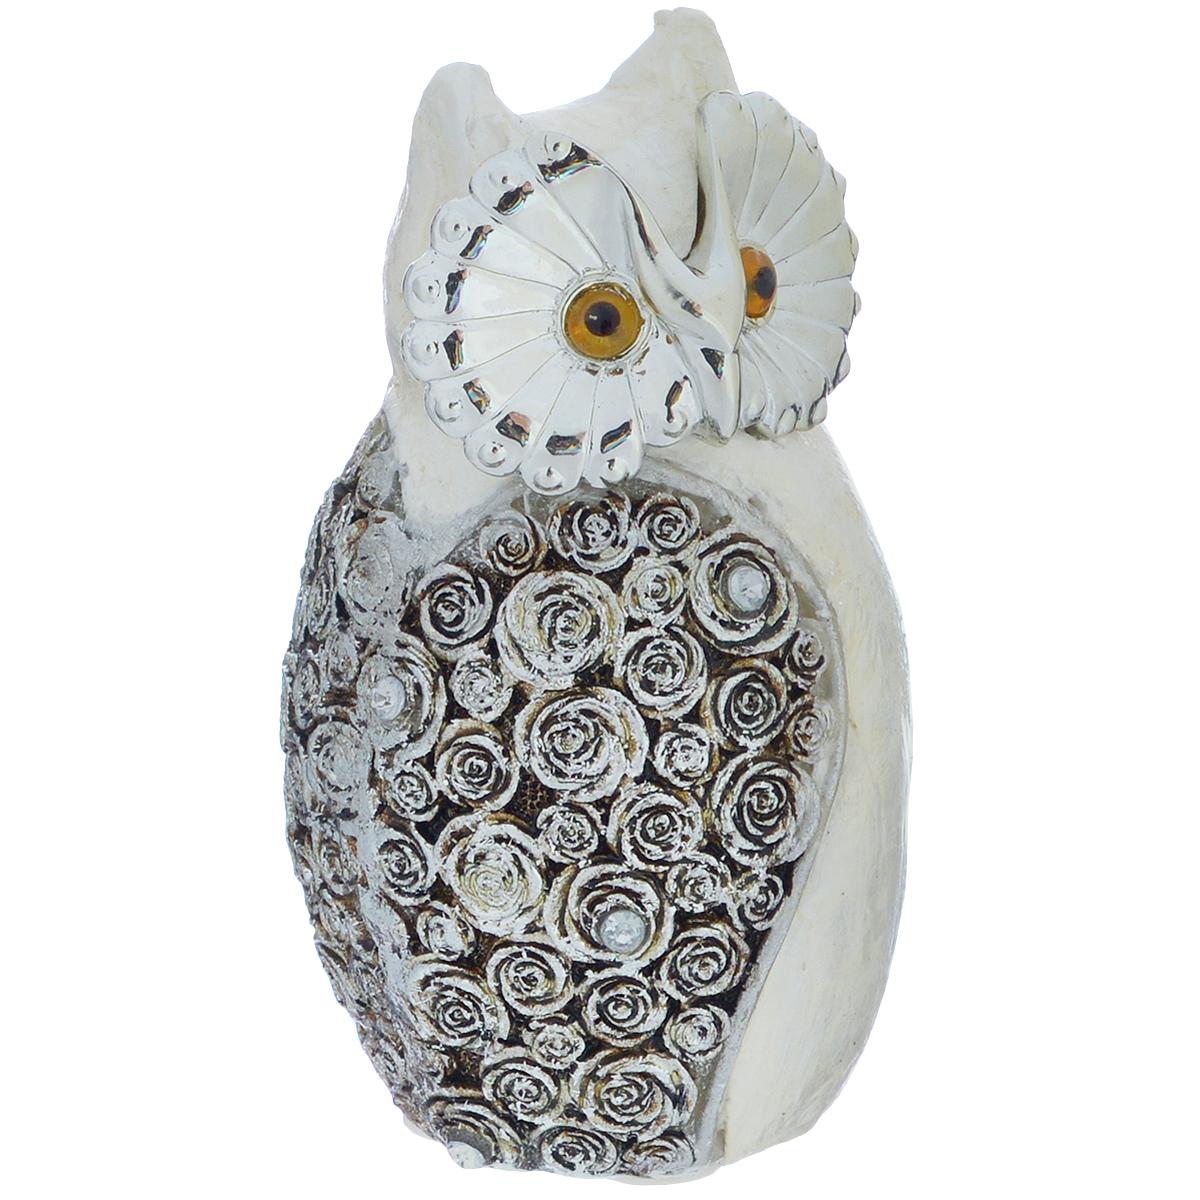 Фигурка декоративная Molento Серебристая сова, высота 10,5 см